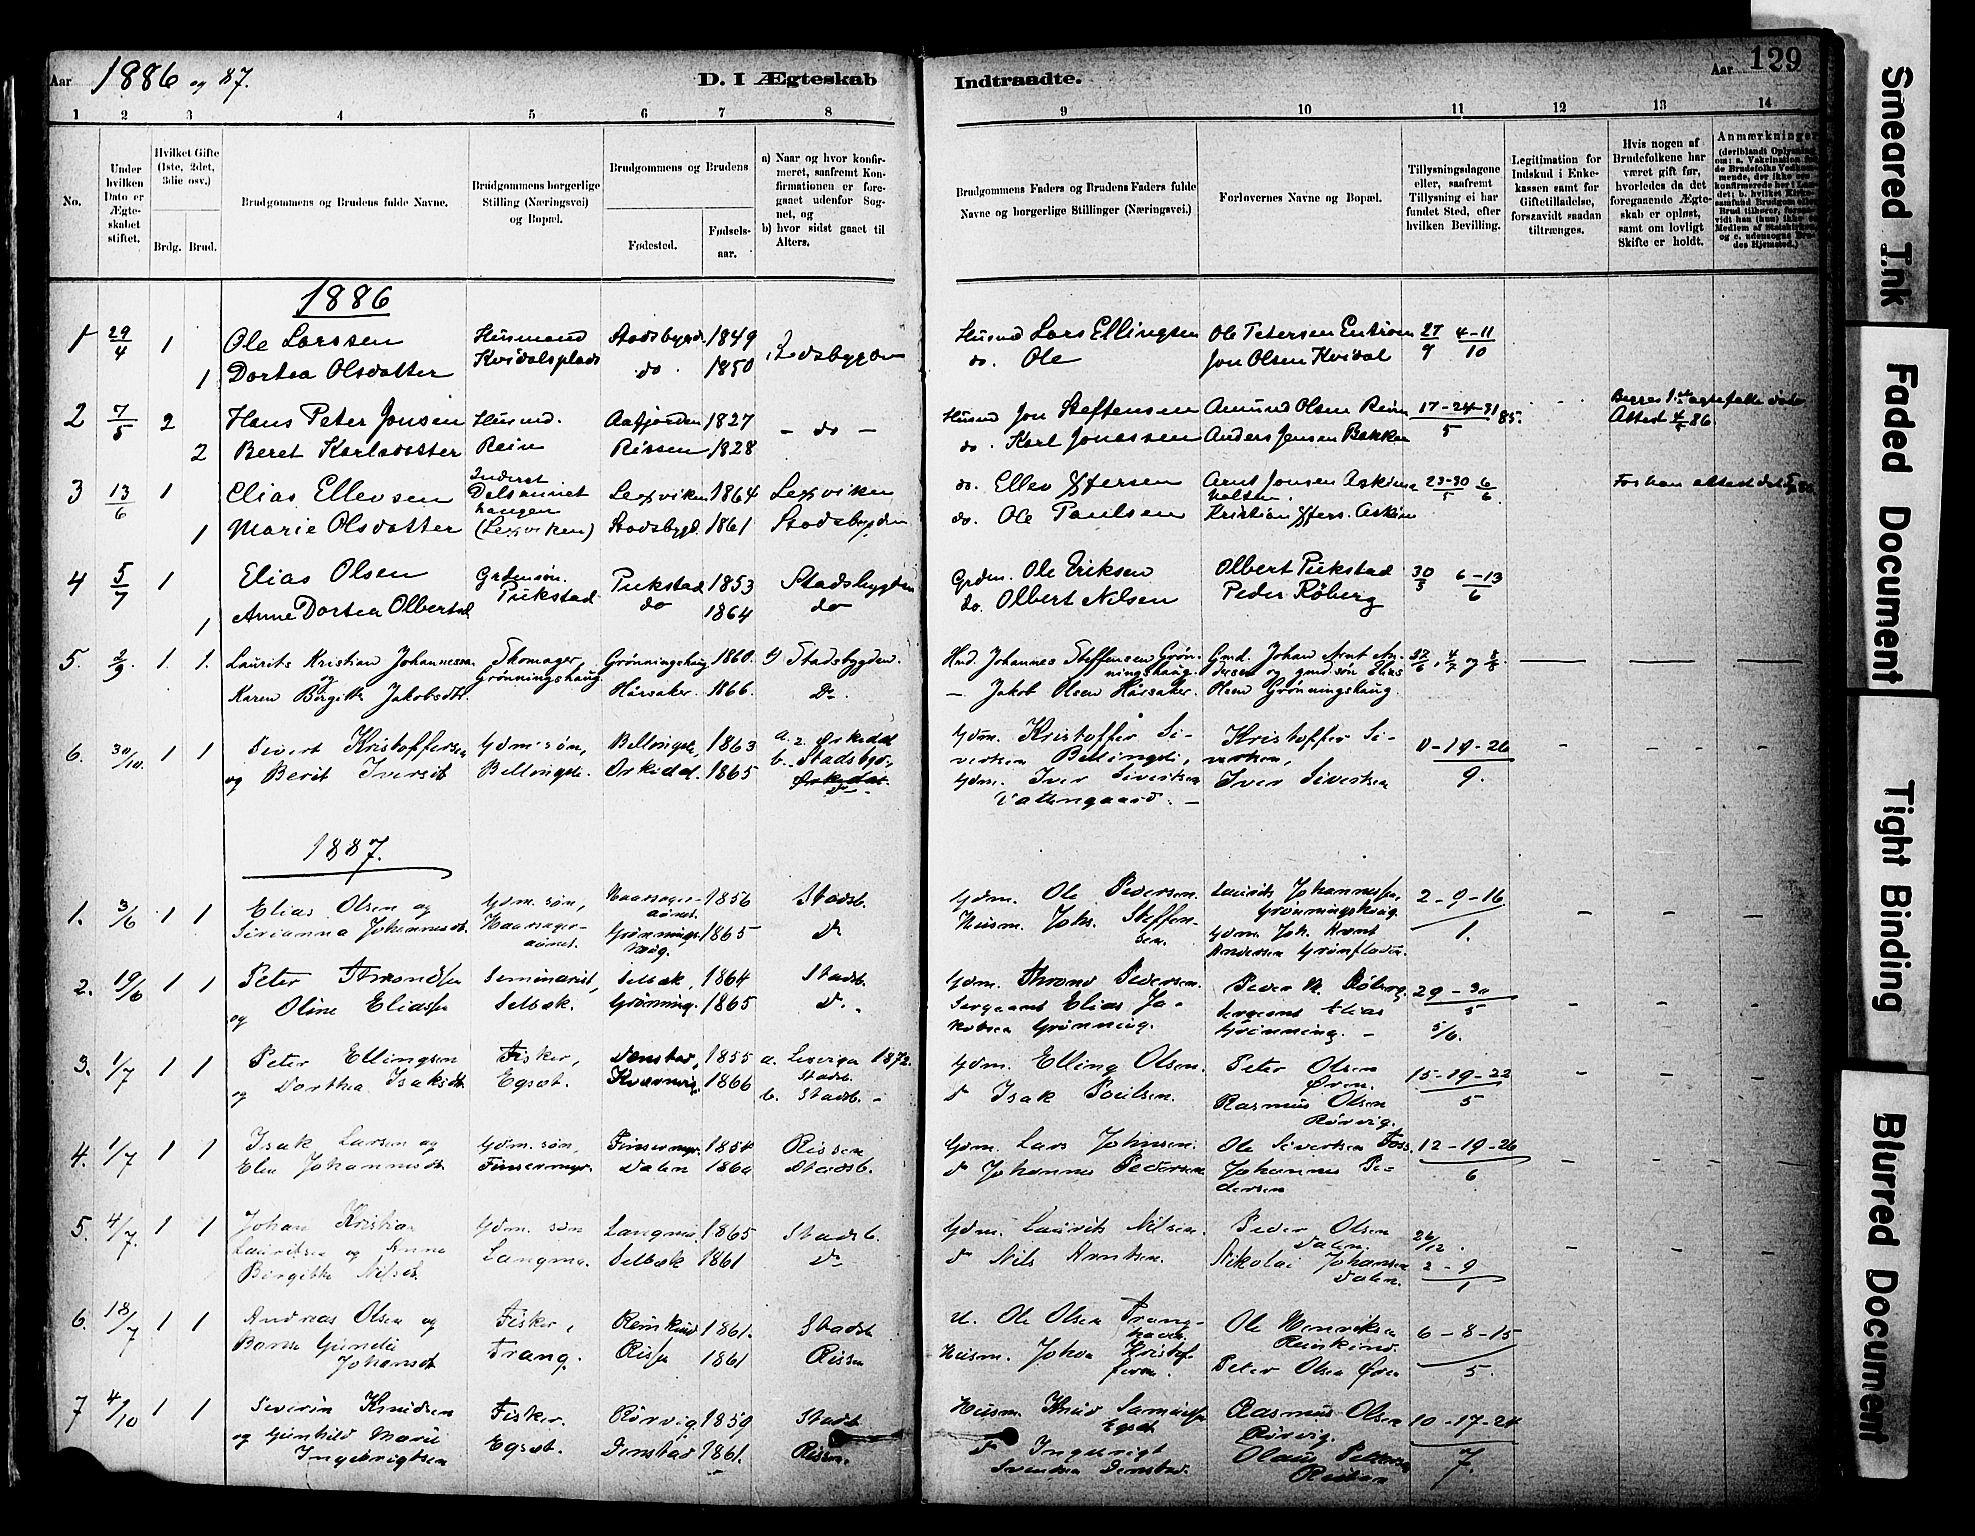 SAT, Ministerialprotokoller, klokkerbøker og fødselsregistre - Sør-Trøndelag, 646/L0615: Ministerialbok nr. 646A13, 1885-1900, s. 129